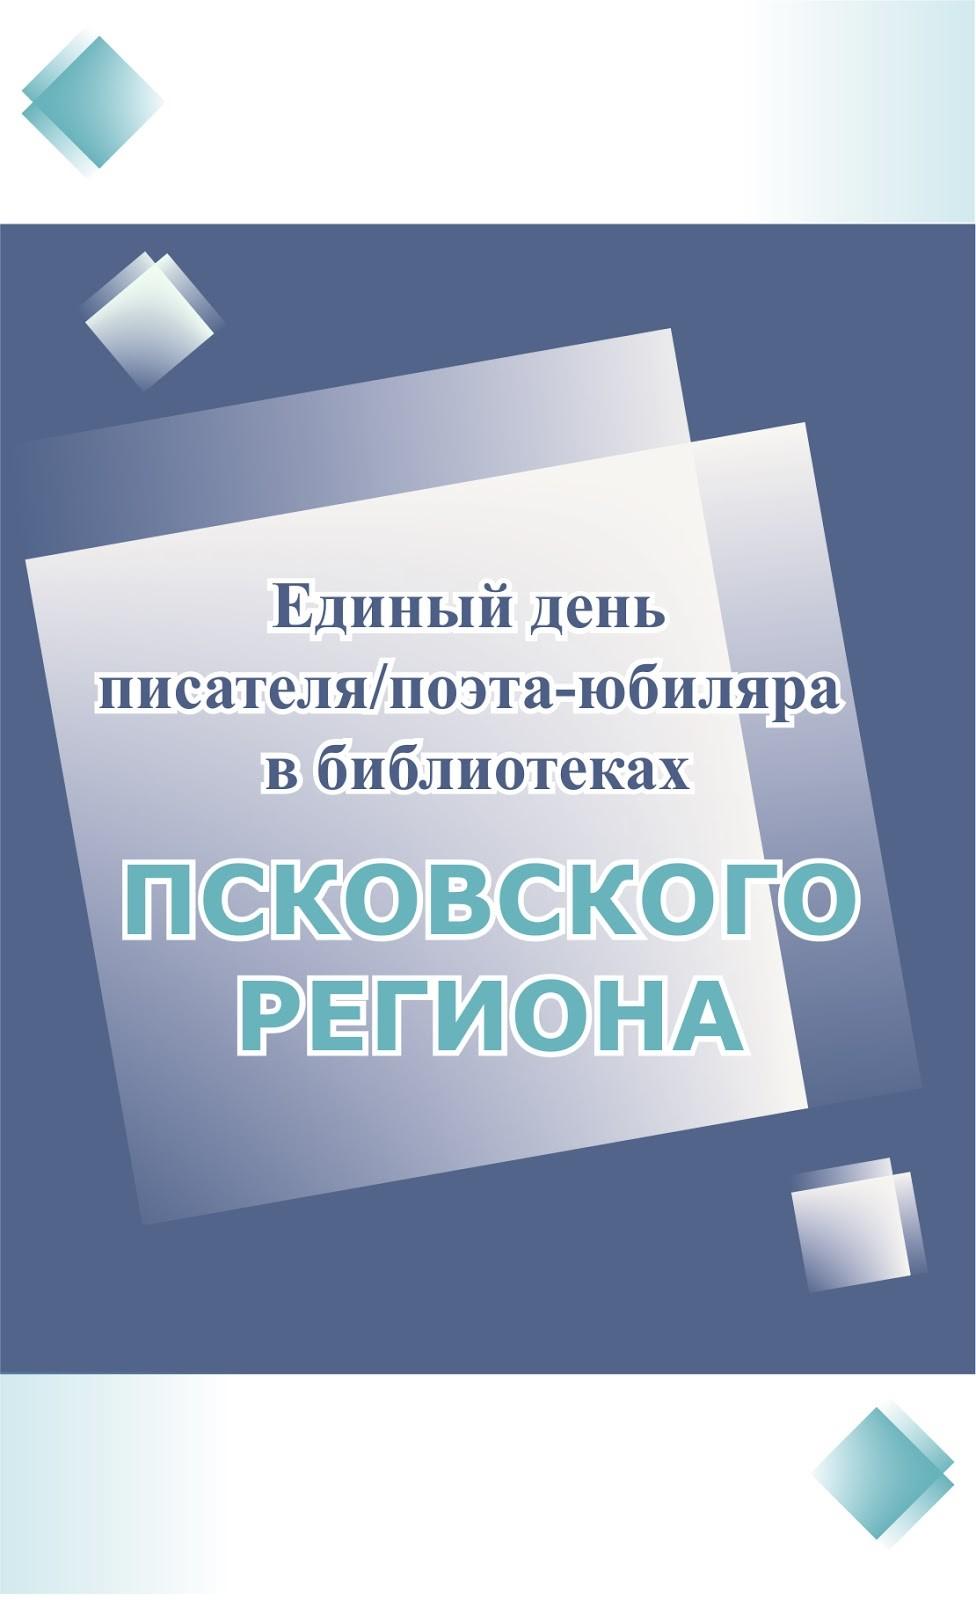 Единый день писателя/поэта - юбиляра